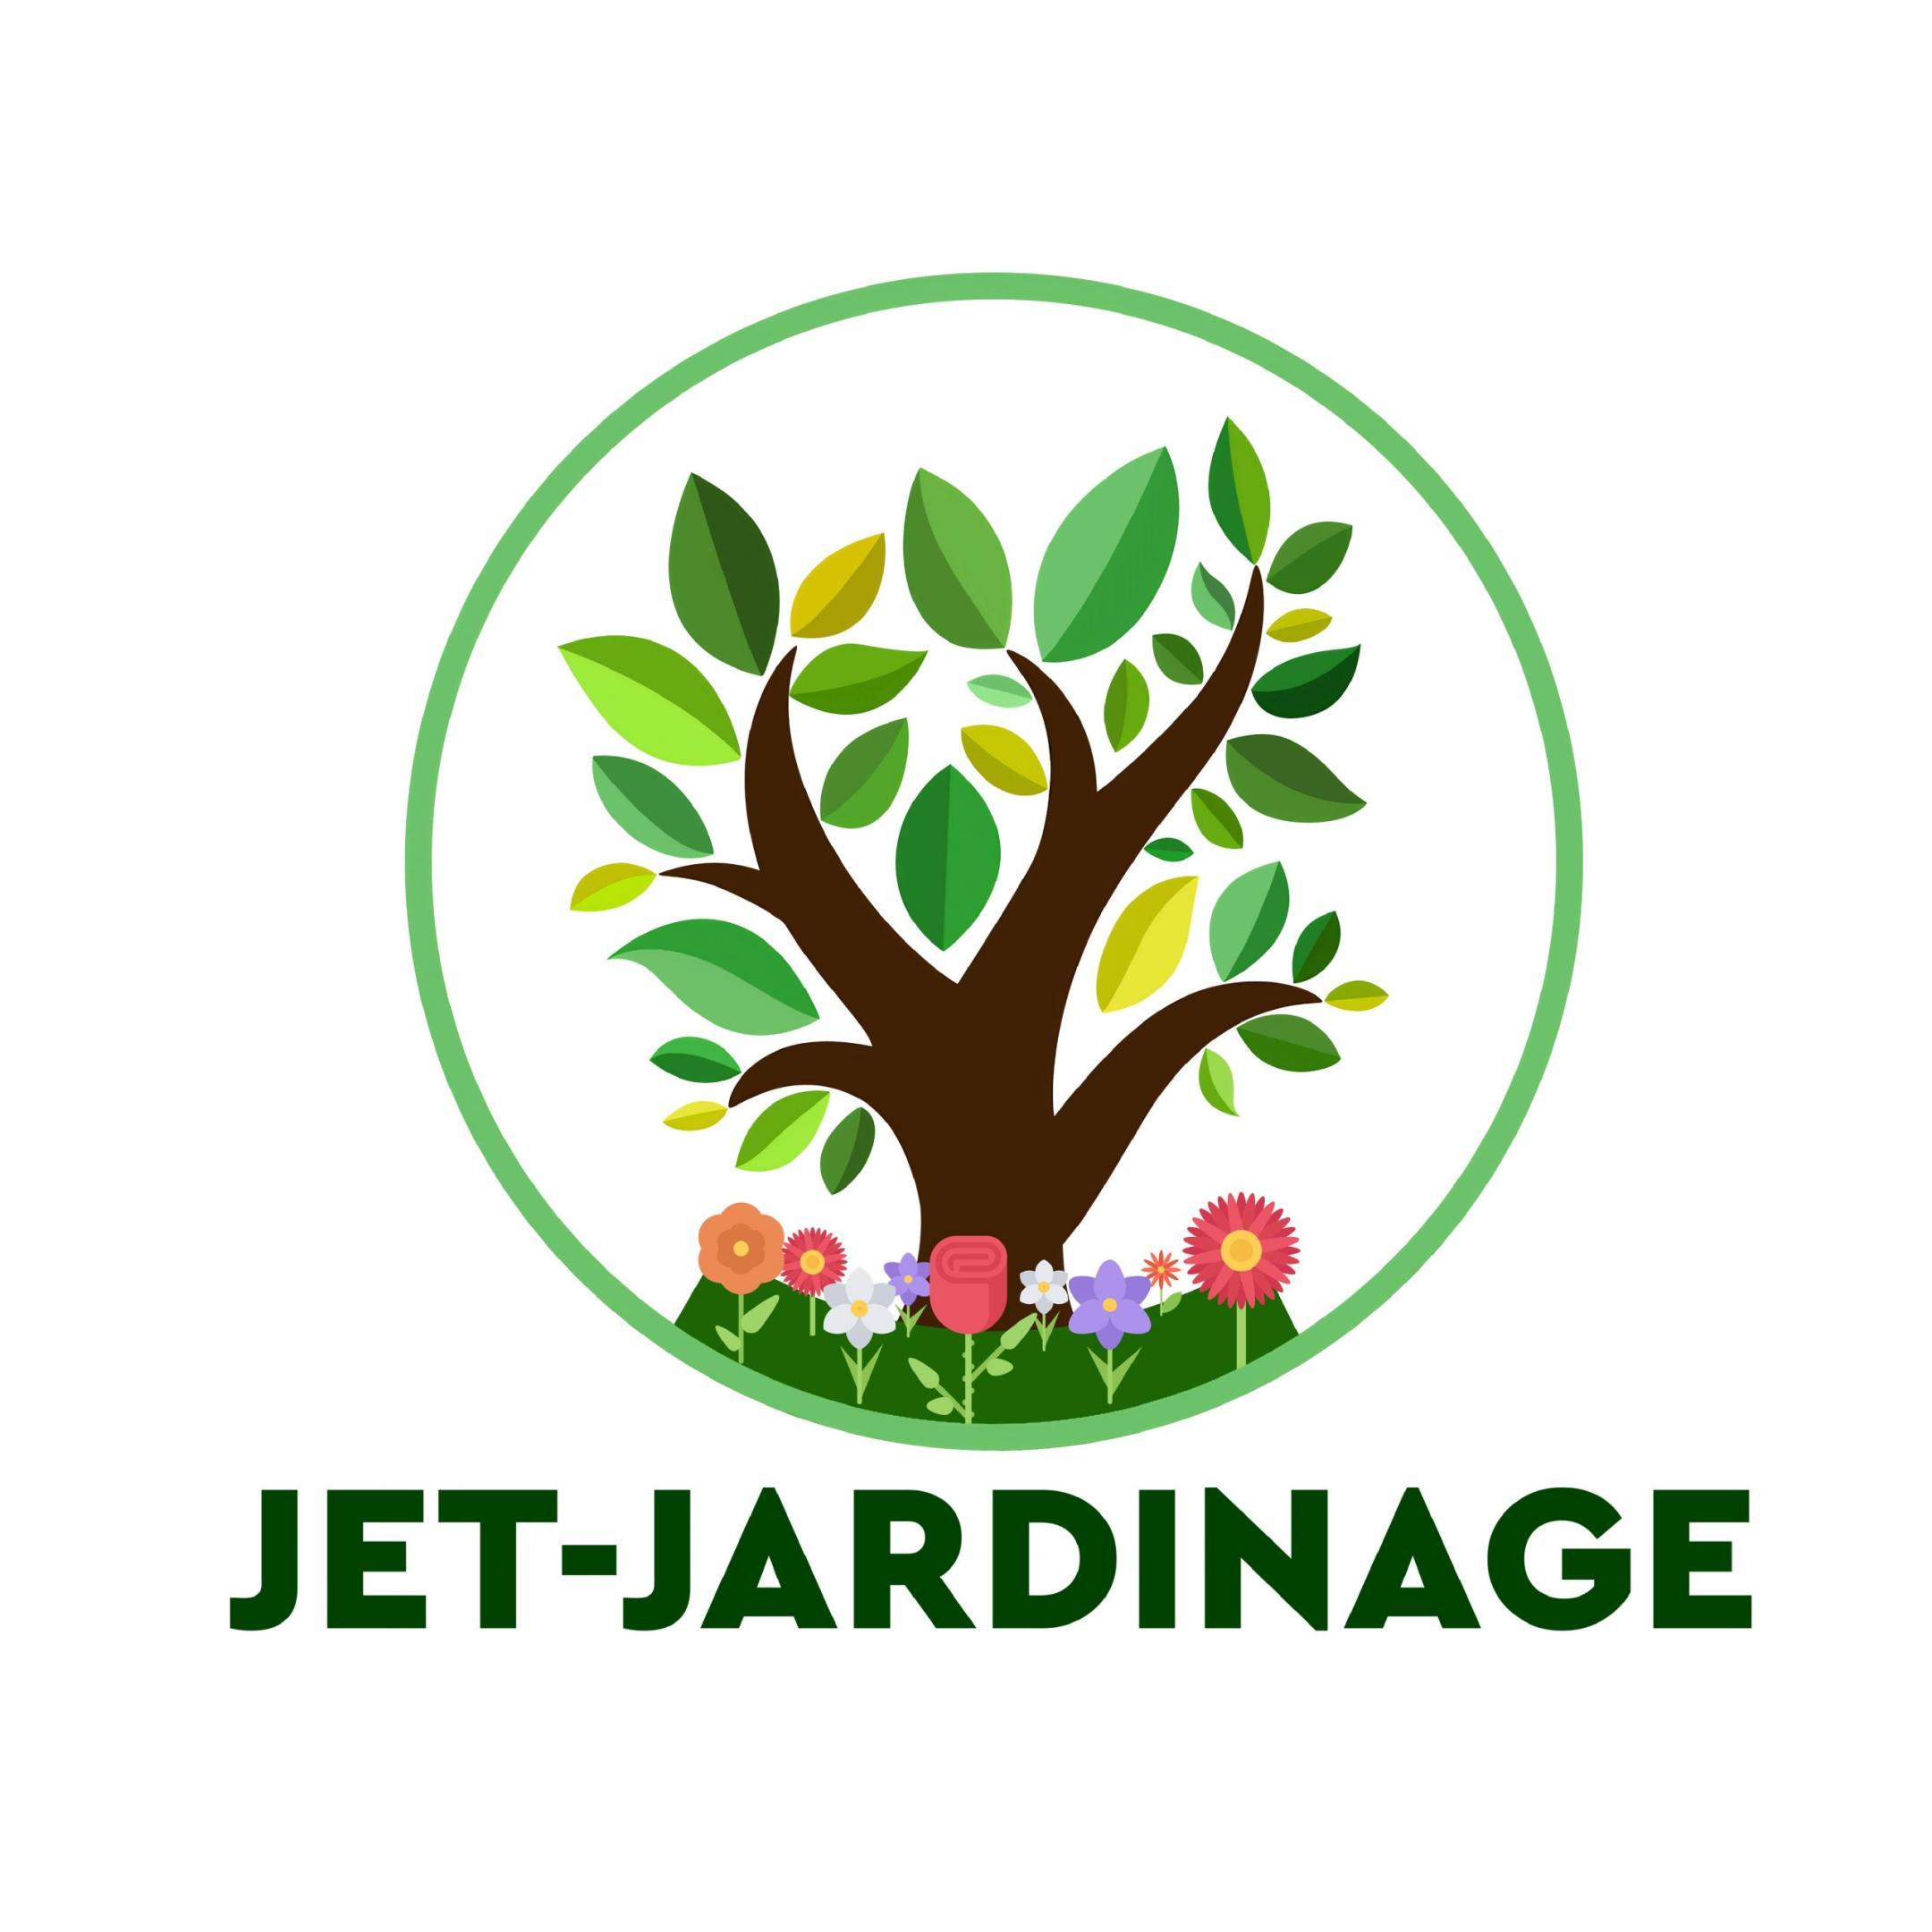 Jet Jardinage